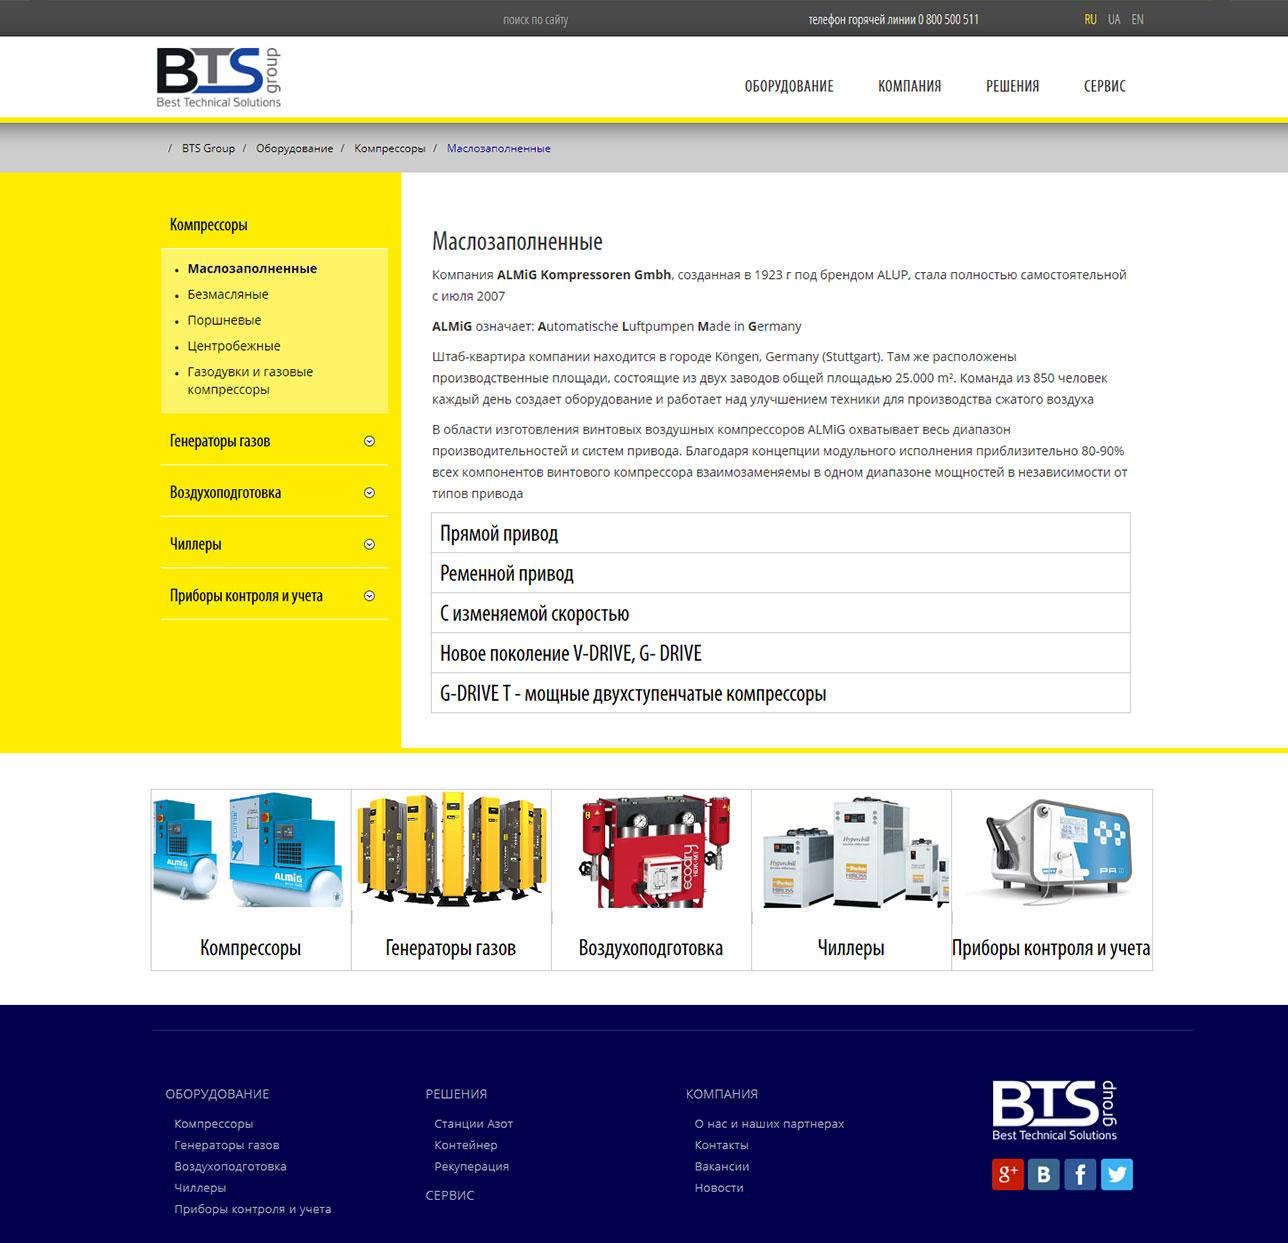 Дизайн для сайта продаж